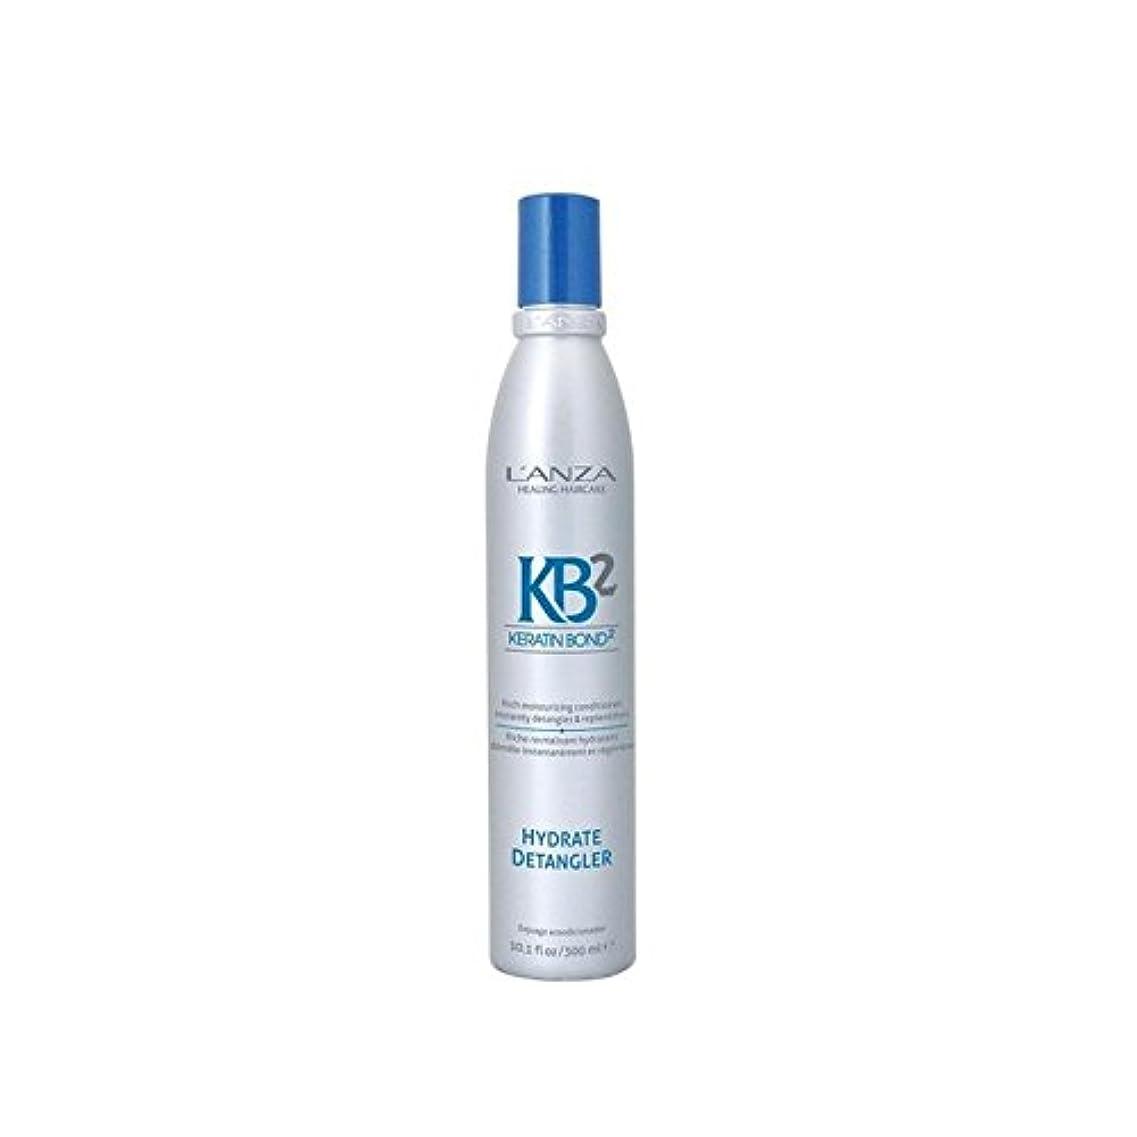 複雑なダーツ証言アンザ2和物(300ミリリットル) x2 - L'Anza Kb2 Hydrate Detangler (300ml) (Pack of 2) [並行輸入品]